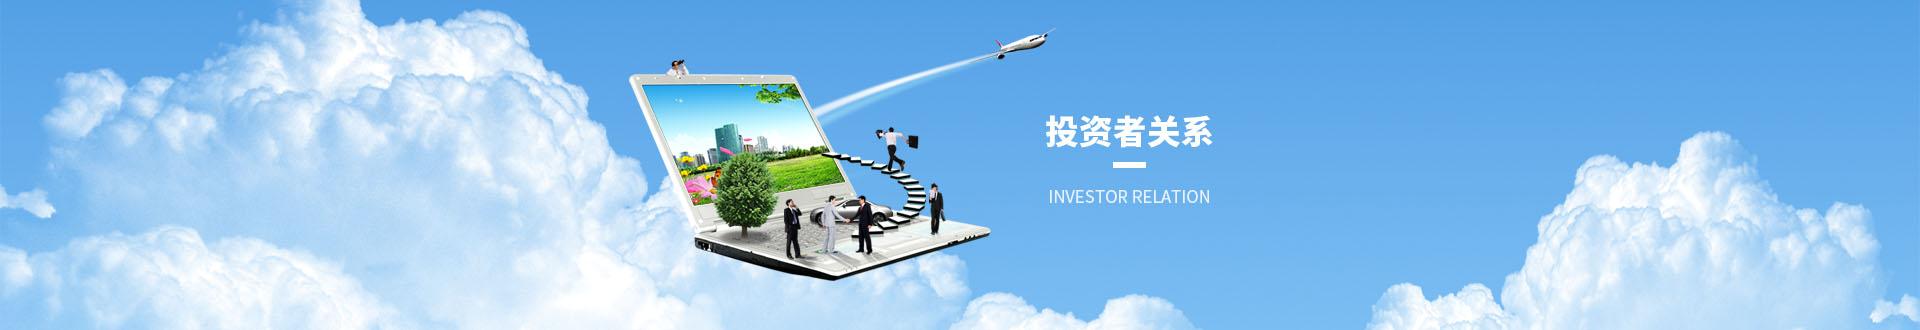 投资者关系